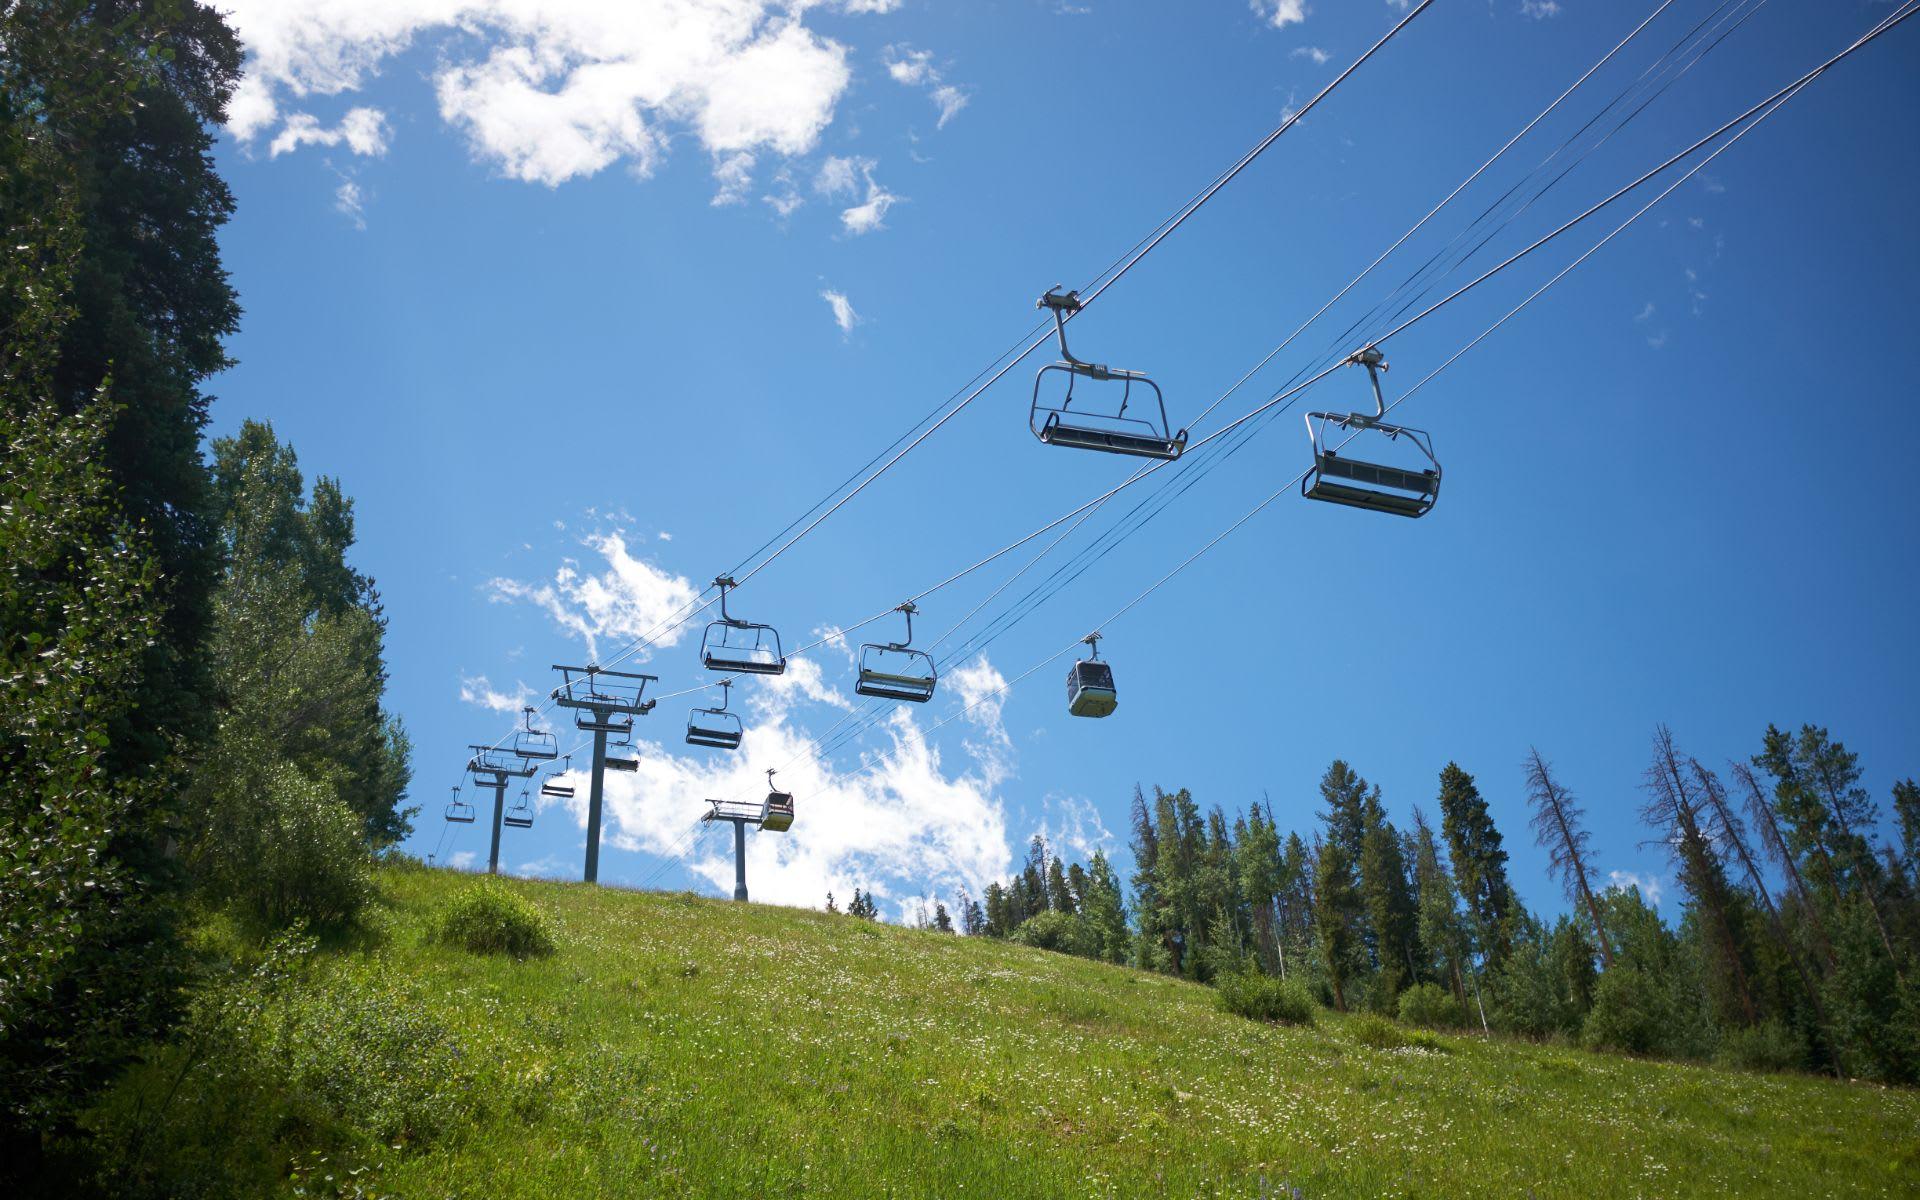 Cordillera Valley Club image